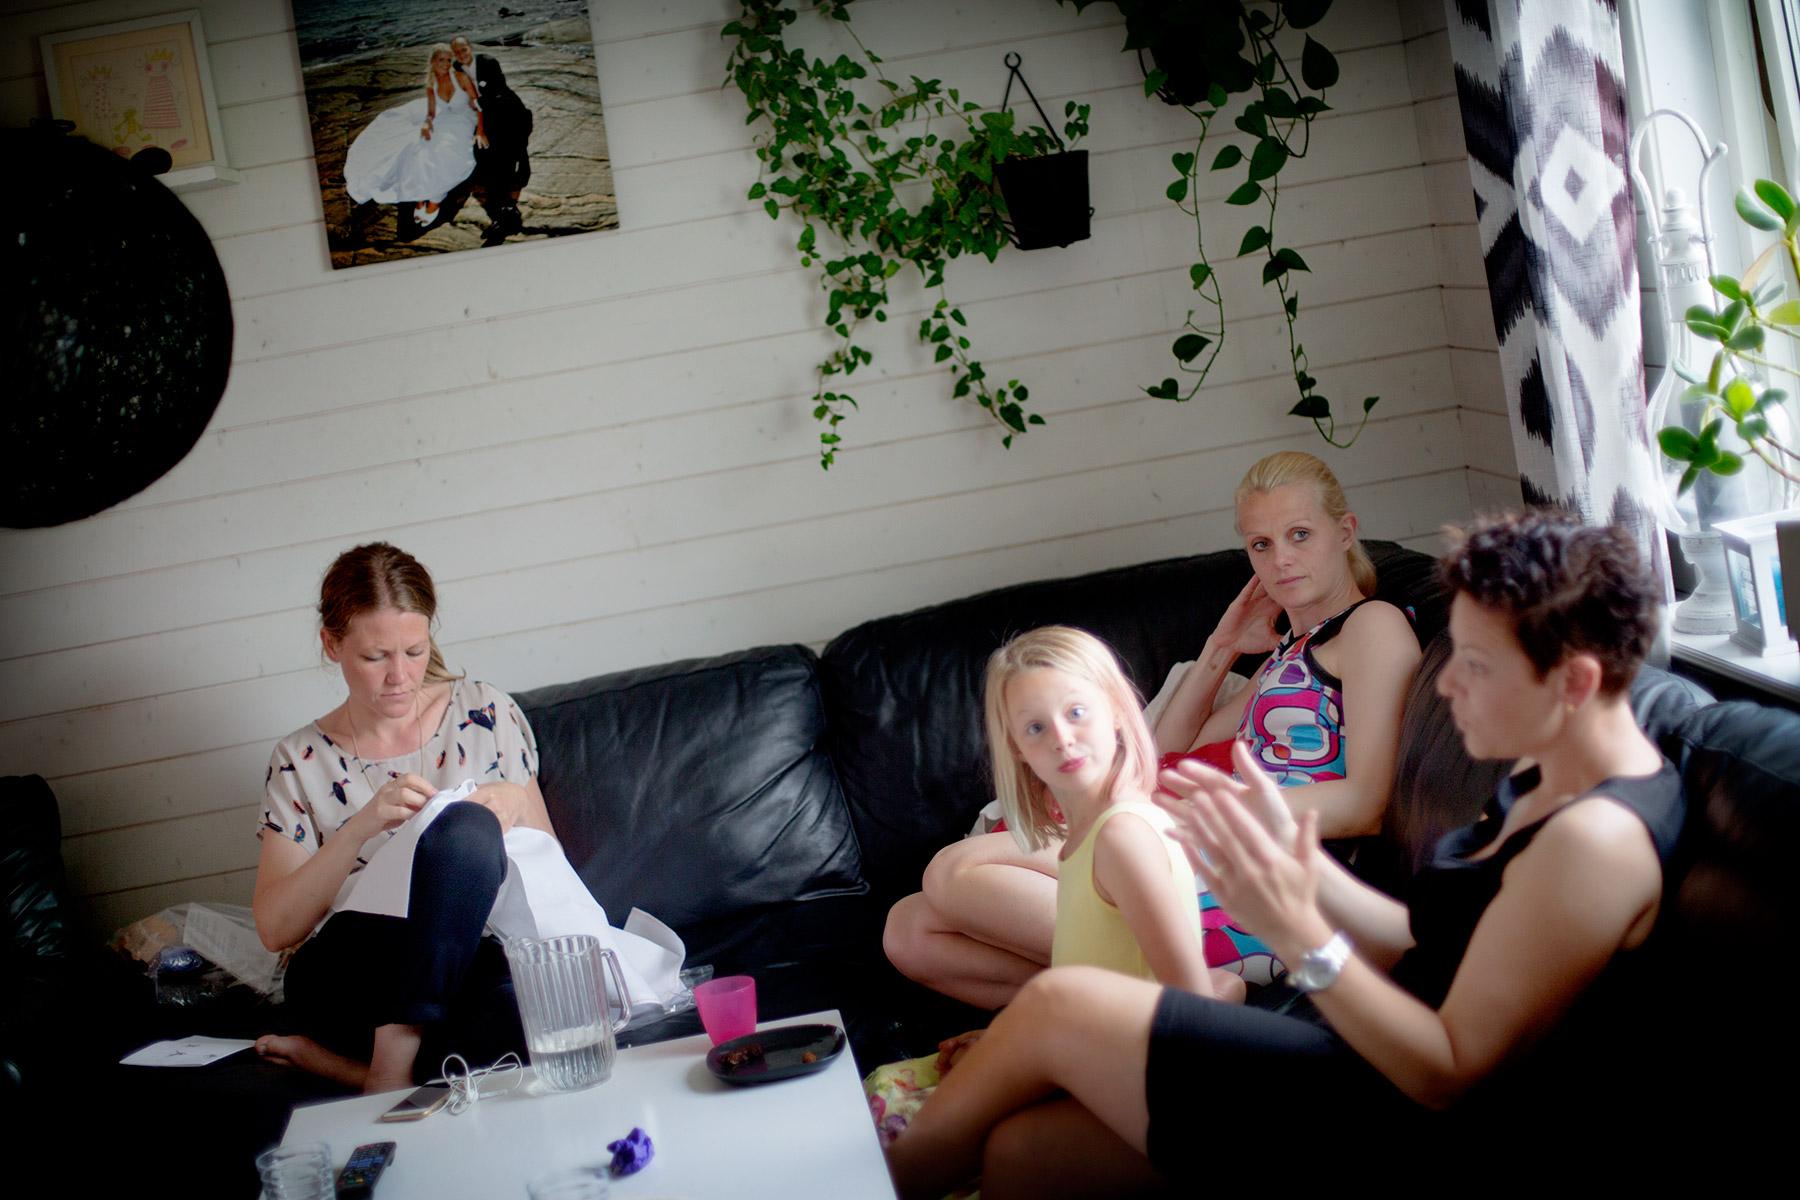 blogg-160602ninastickkvall1.jpg